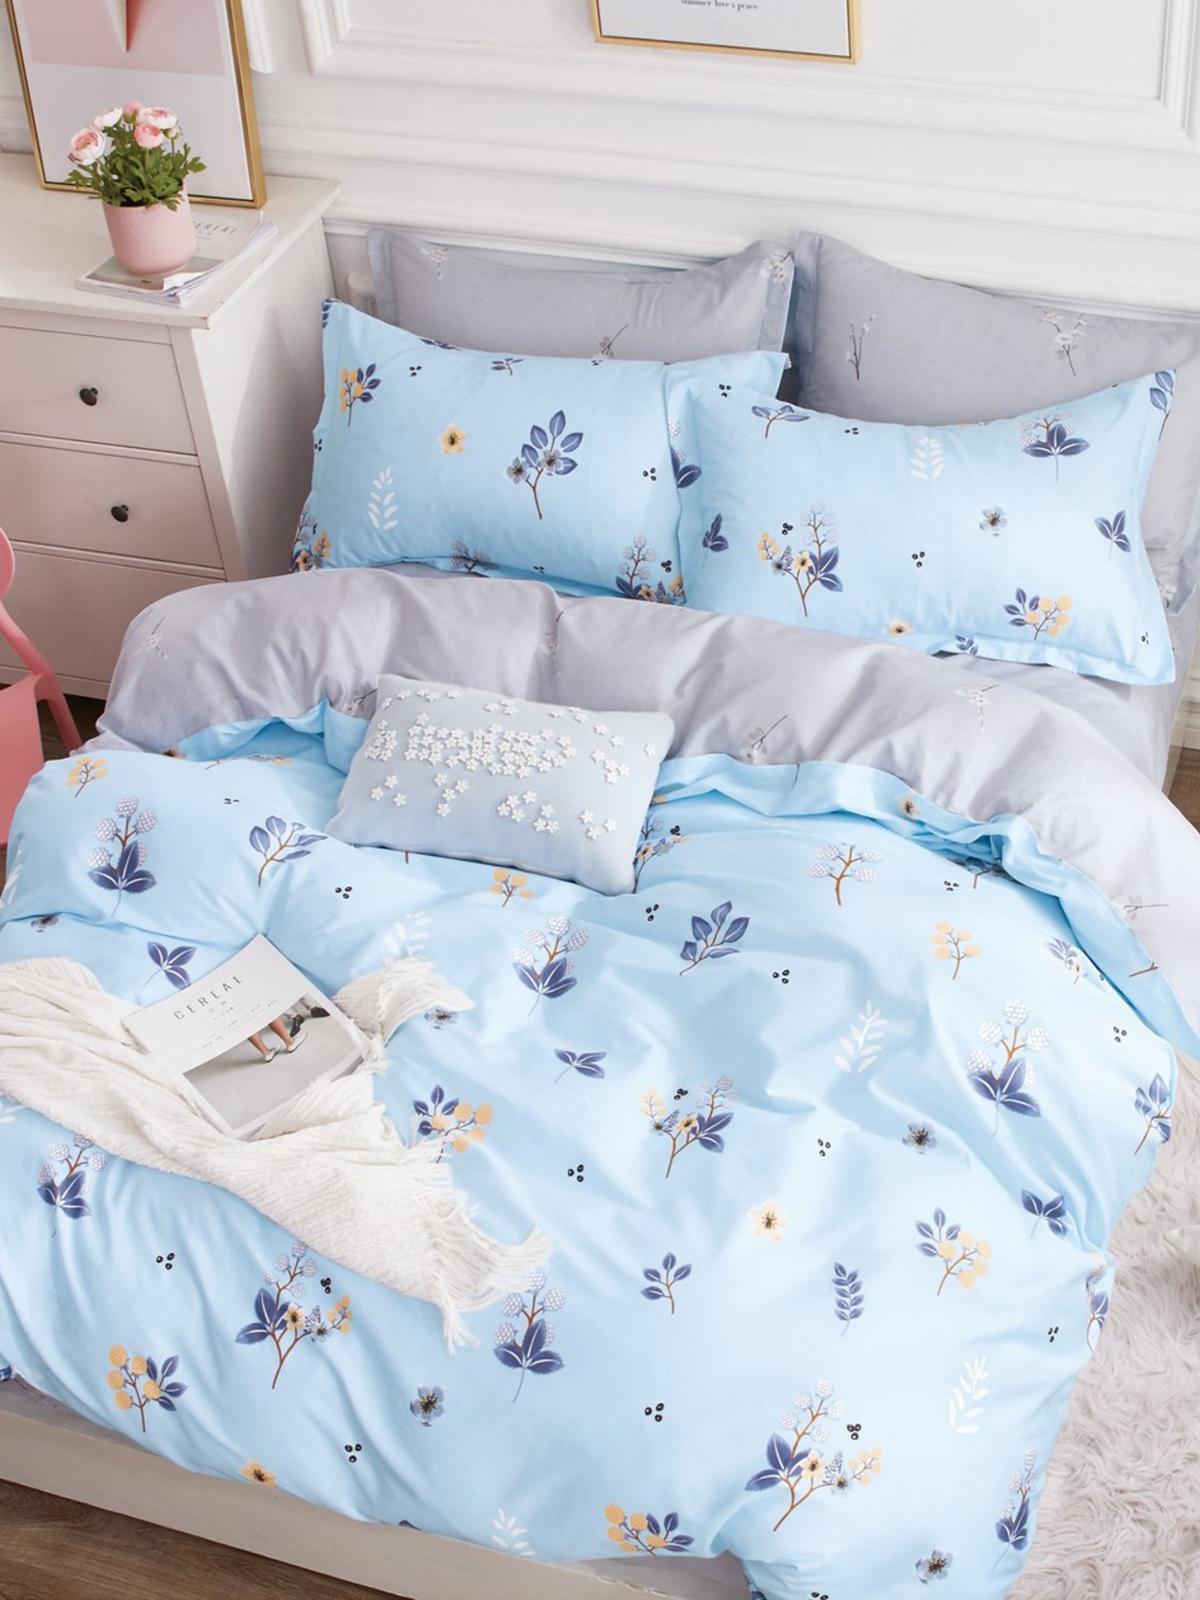 Комплект постельного белья Dream Time BLK-46-SP-420-1C постельное белье dream time blk 46 sp 337 1 2c 3 предмета